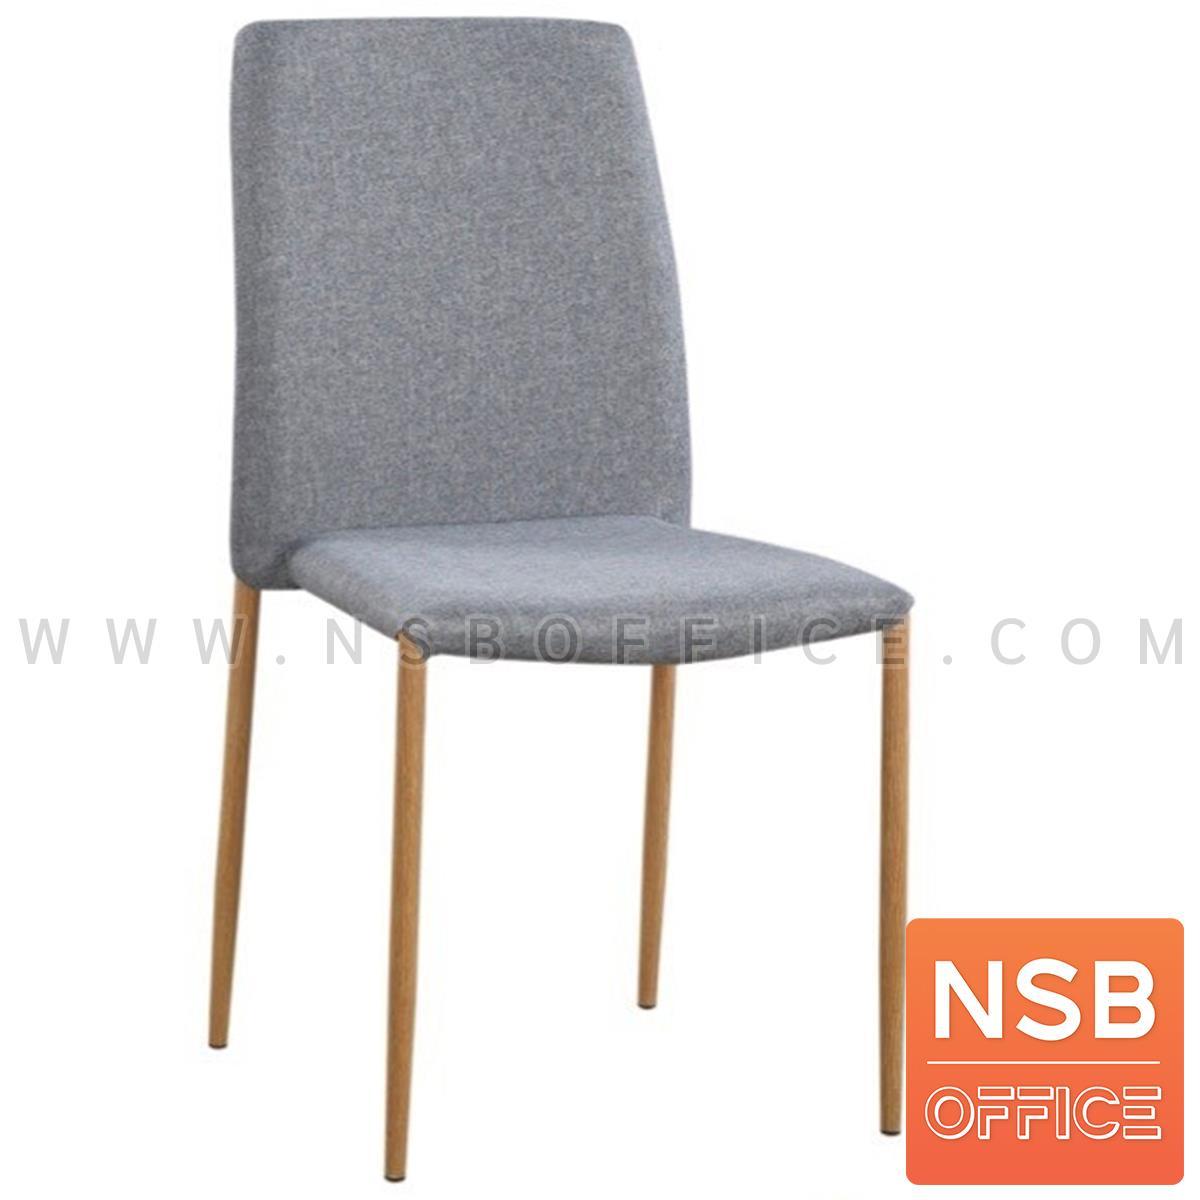 B22A201:เก้าอี้รับประทานอาหาร รุ่น Romance (โรแมนซ์) หุ้มผ้า ขาเหล็กลายไม้วีเนียร์